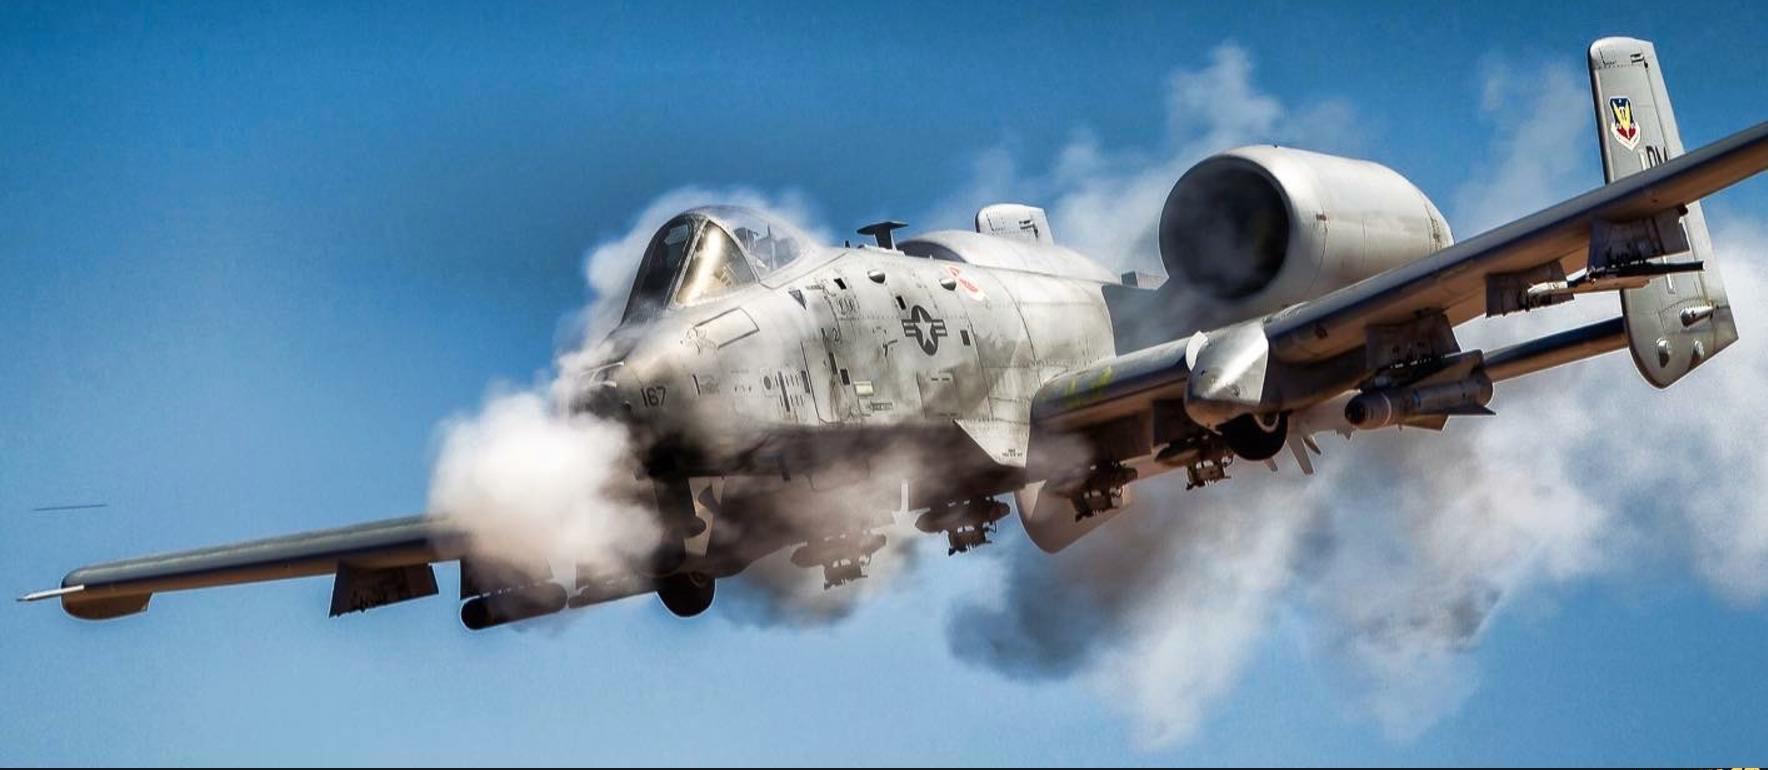 Обои republic, американский, A-10, бронированный, Fairchild, thunderbolt ii. Авиация foto 17